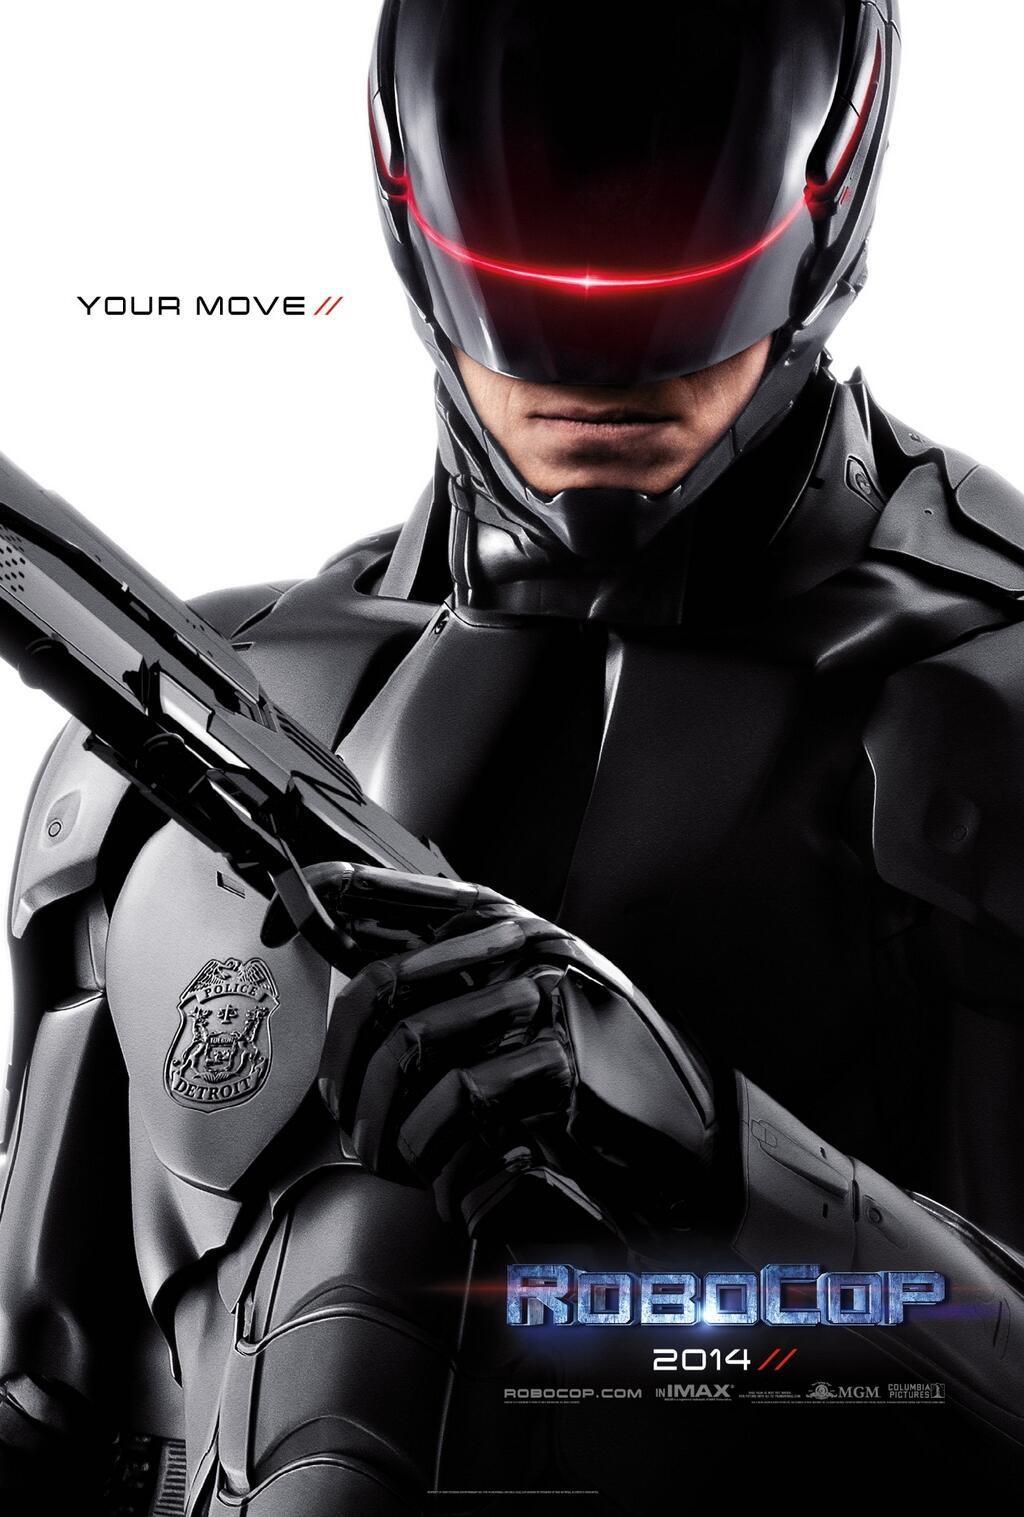 robocop-2014-poster-remake-reboot